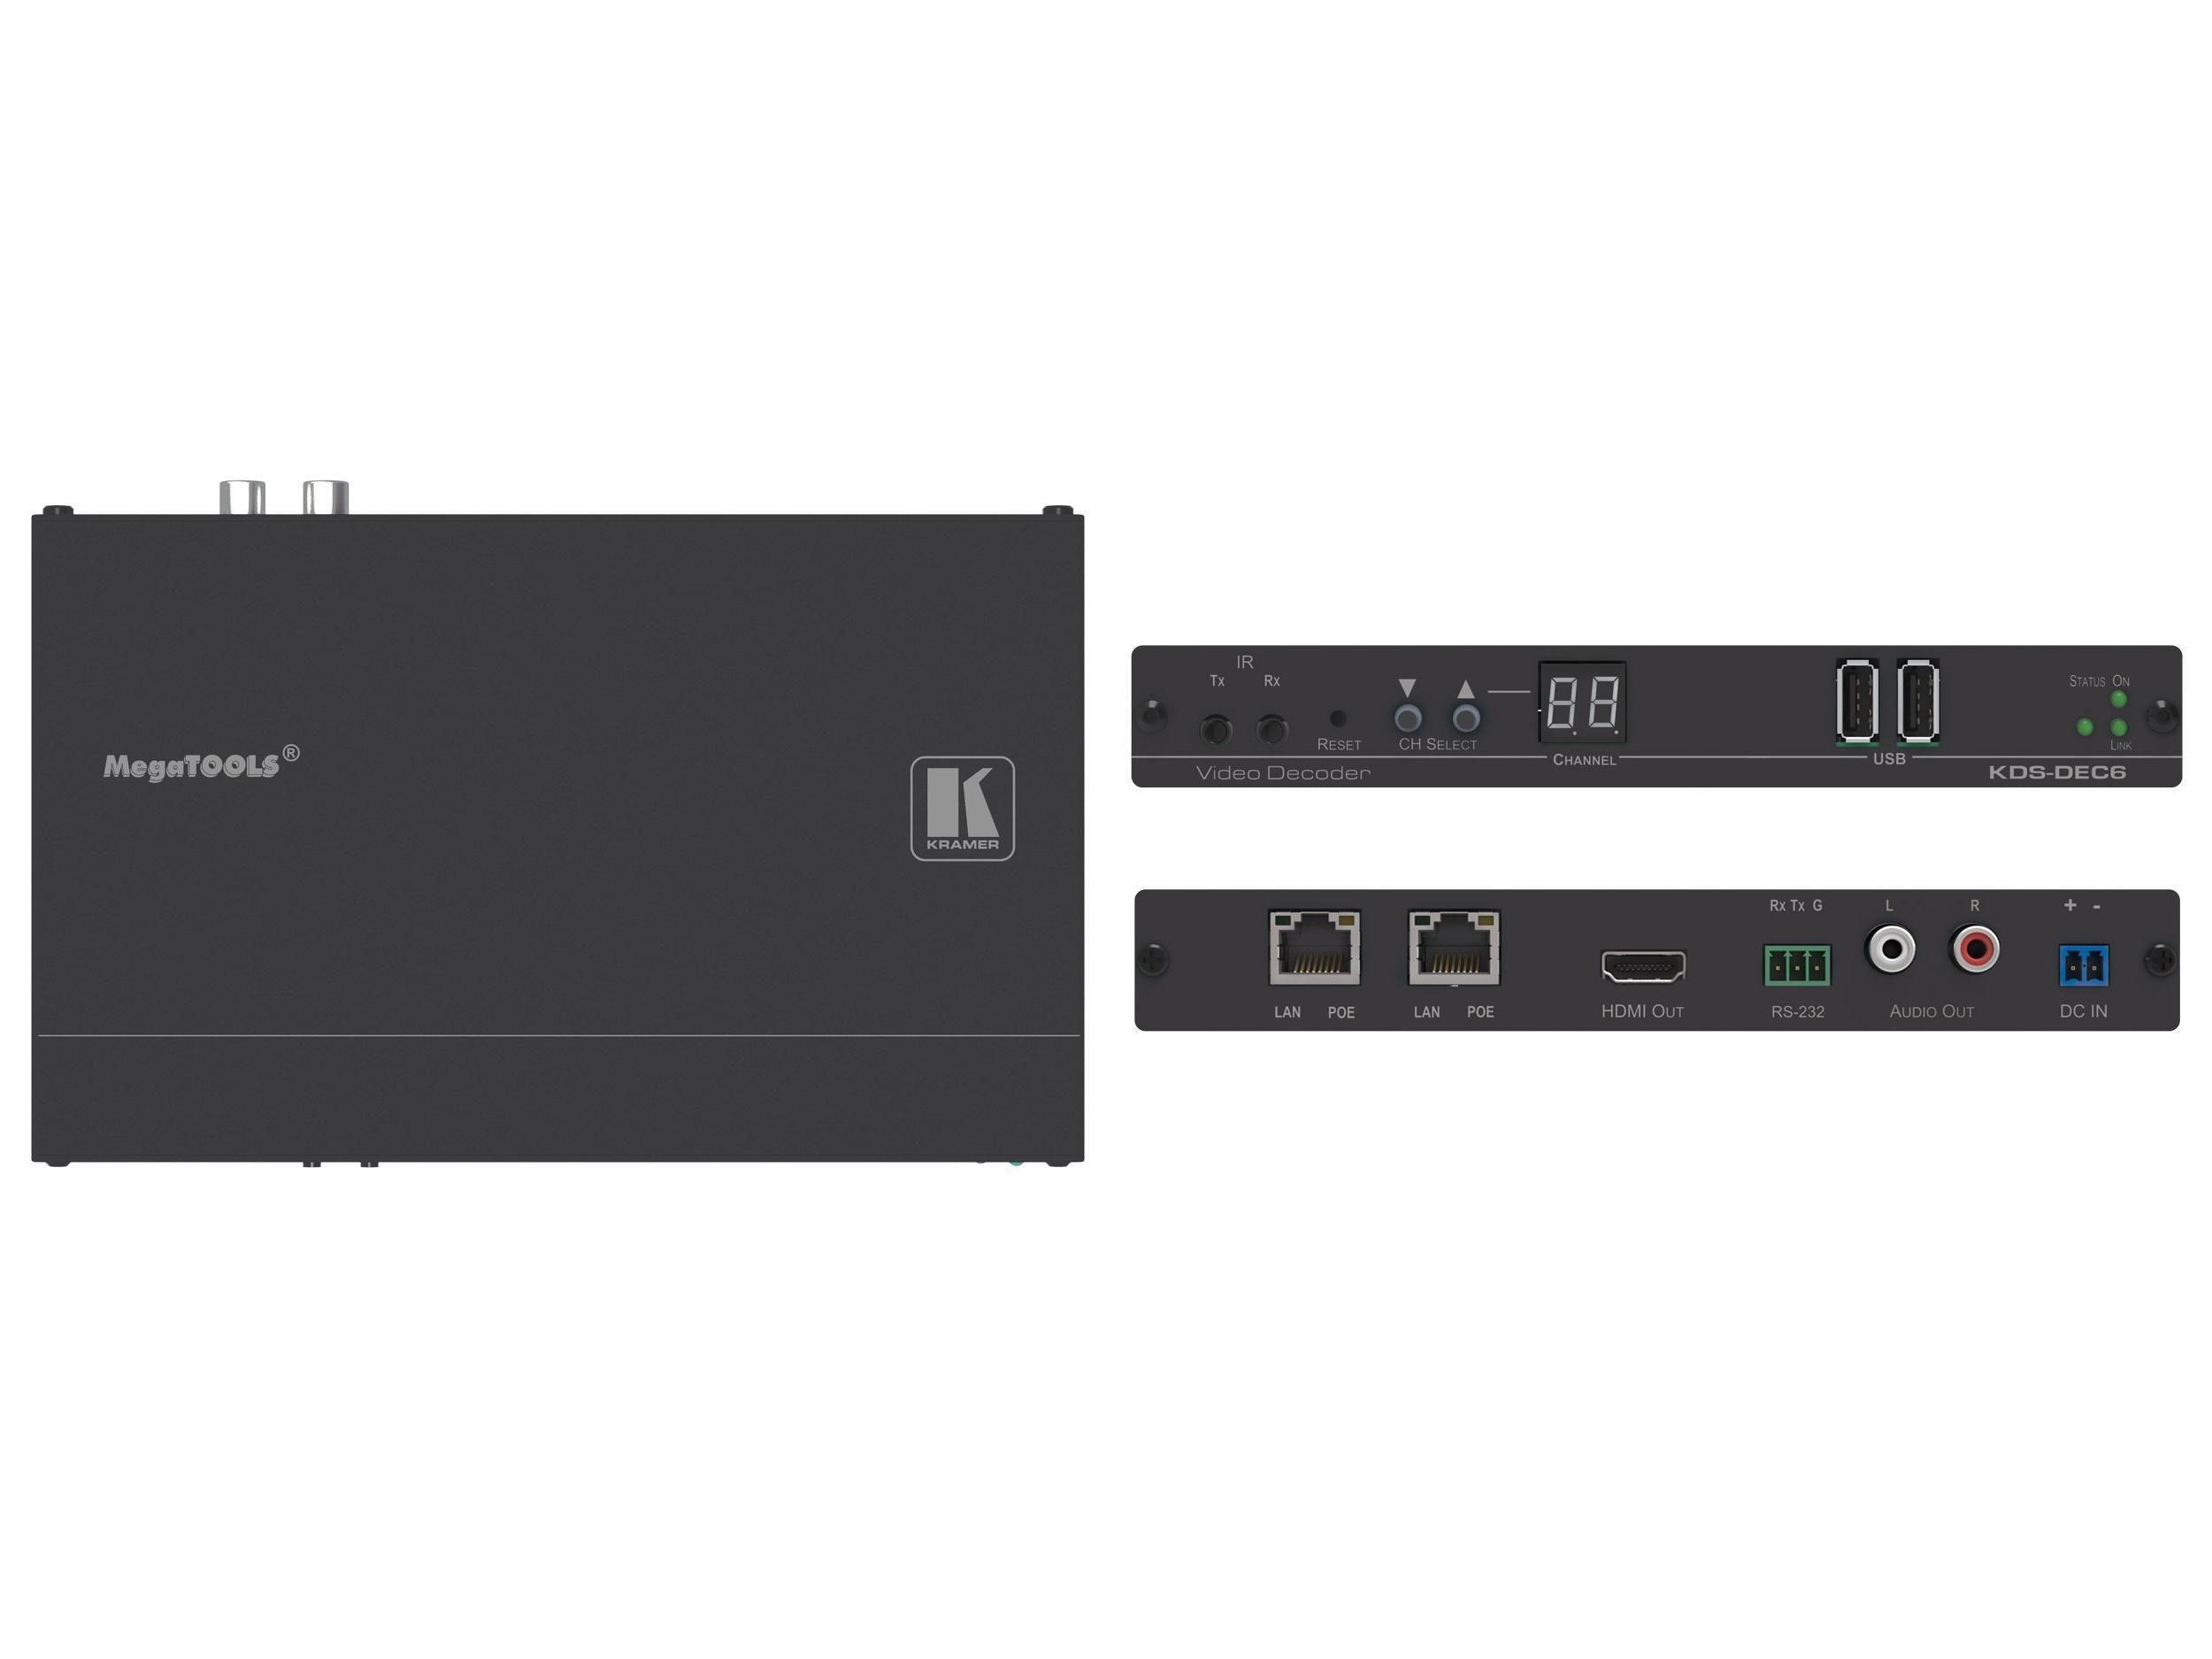 Kramer KDS-DEC6 4K/60 4x2x0 HDCP 2.2 Video Decoder